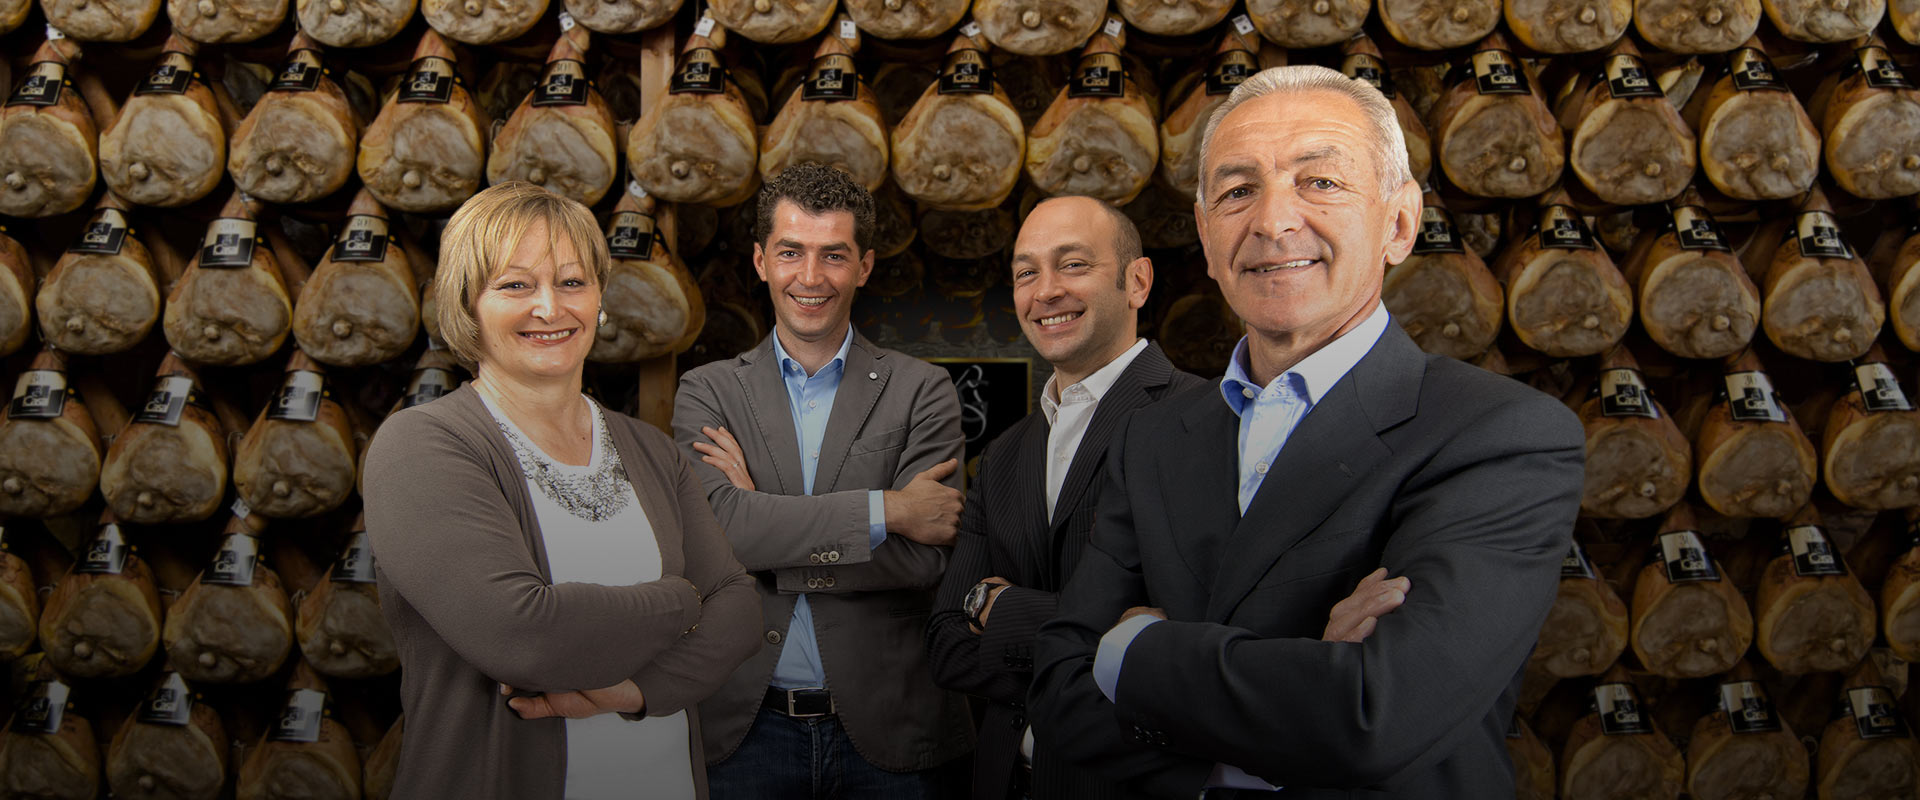 La Famiglia Casa produttori prosciutto artigianale